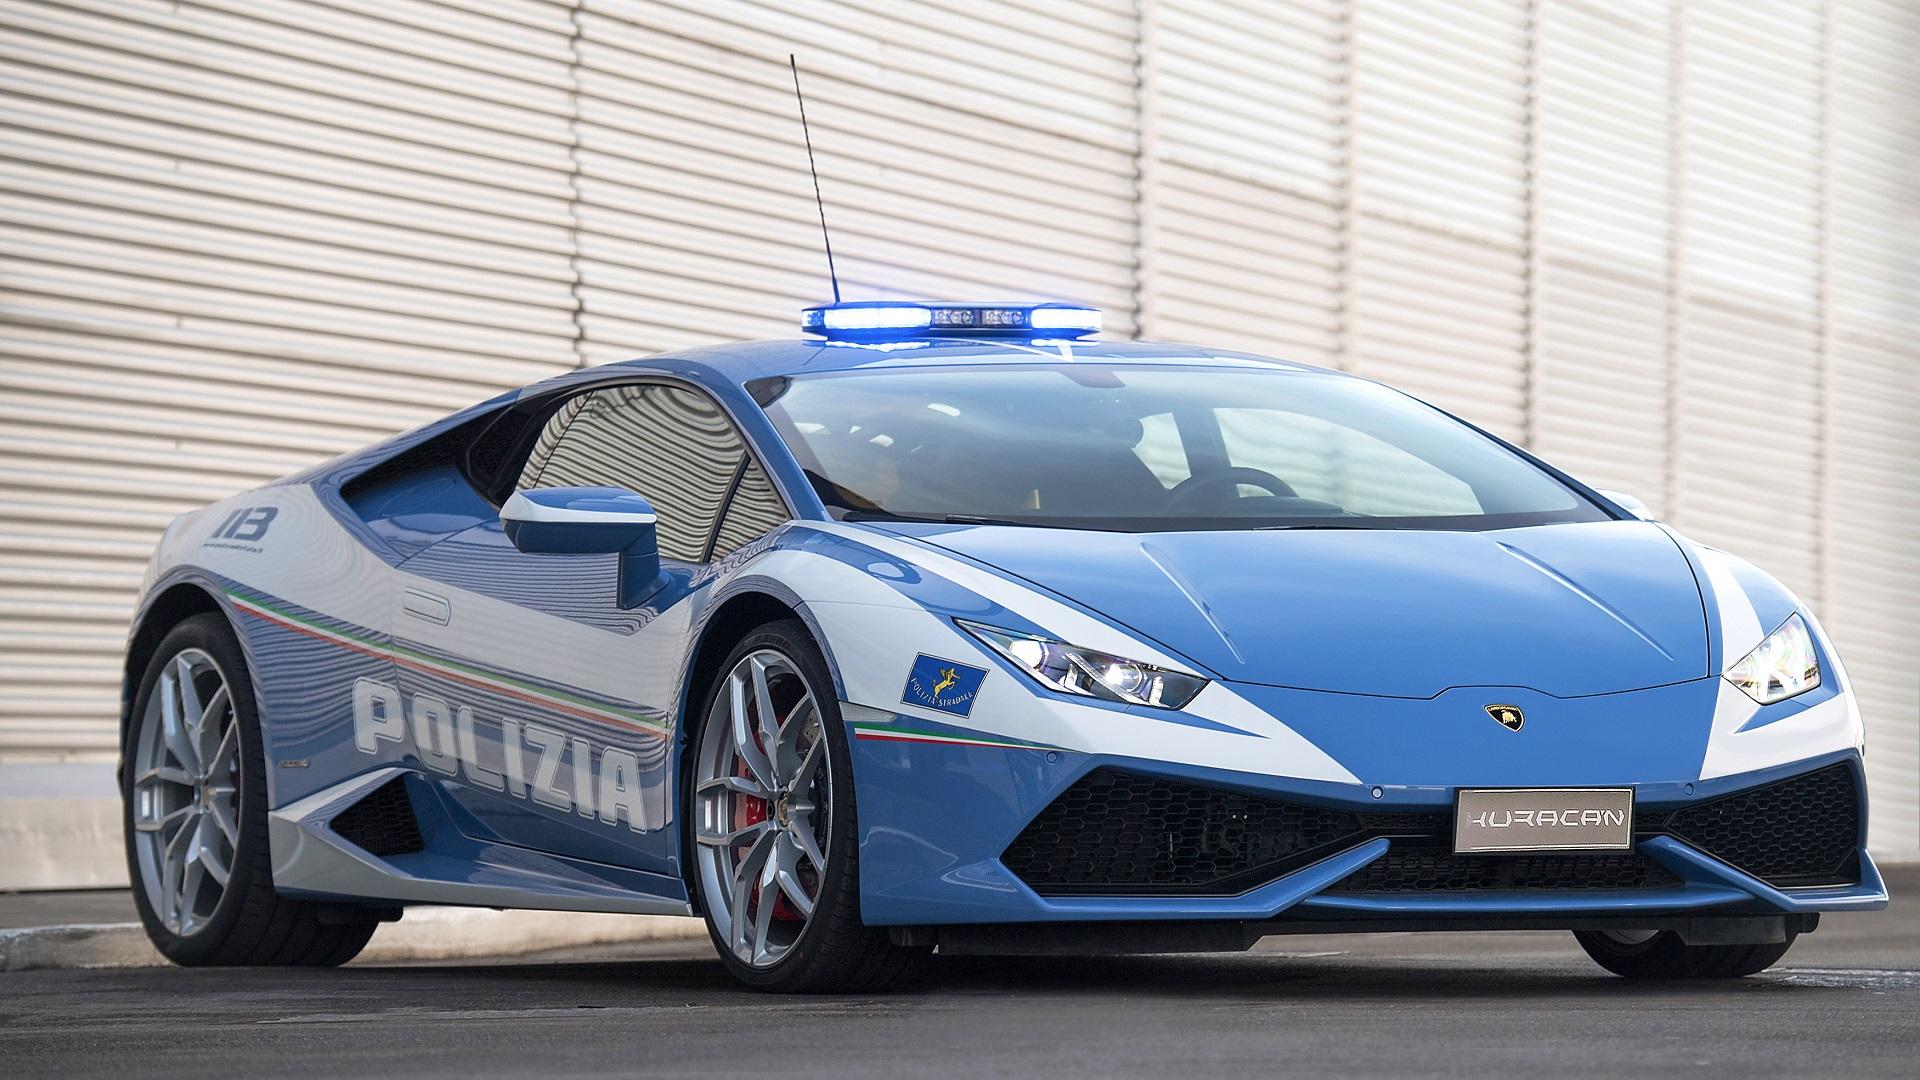 Lamborghini Huracán Polizia